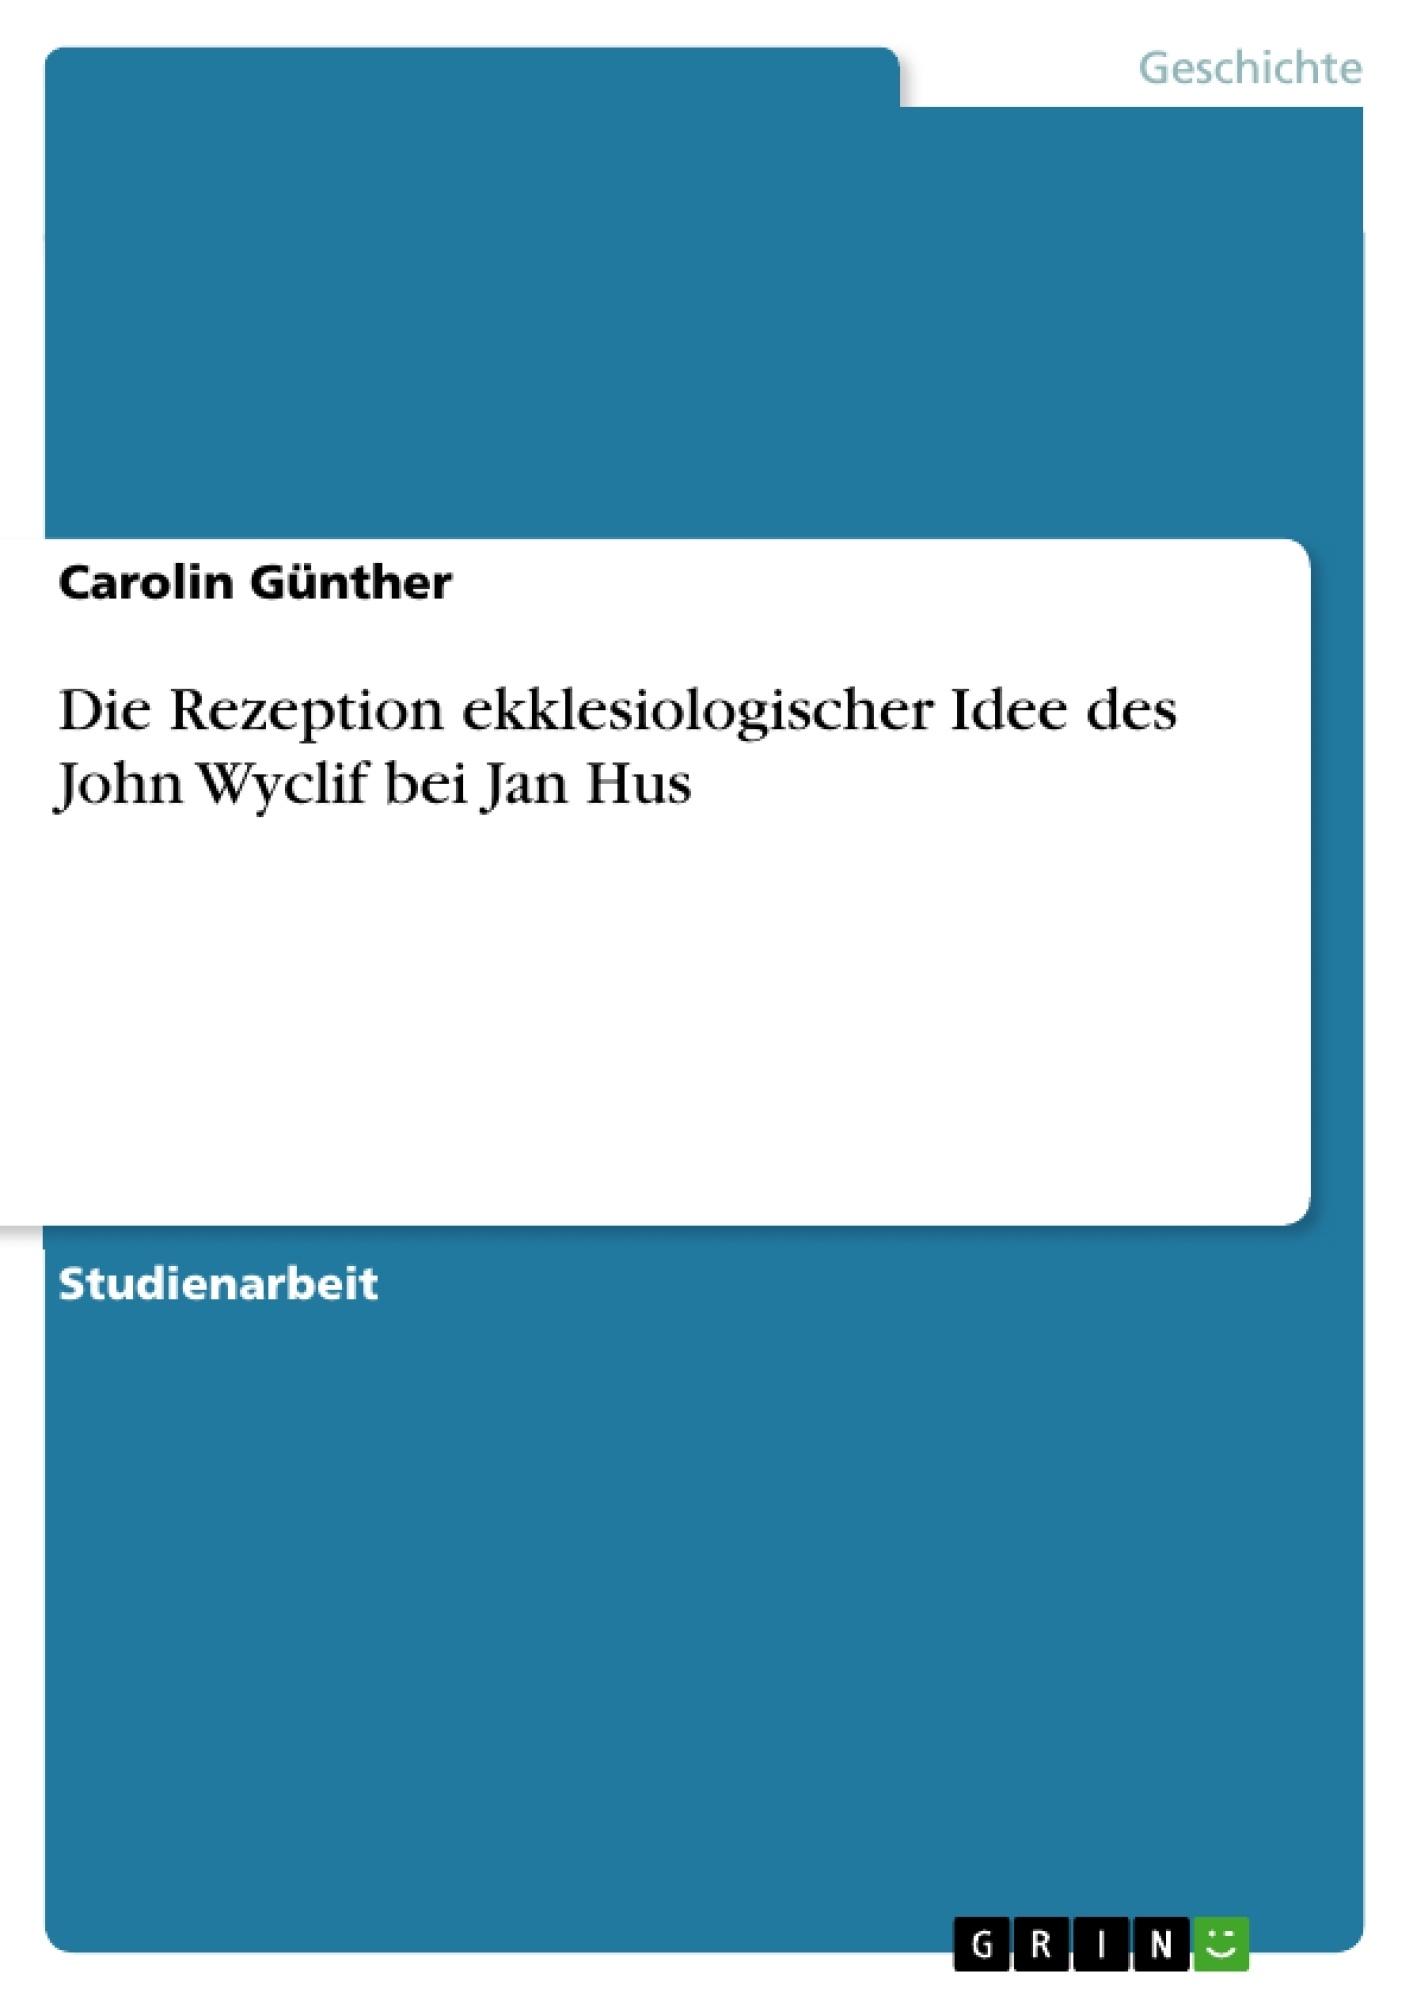 Titel: Die Rezeption ekklesiologischer Idee des John Wyclif bei Jan Hus